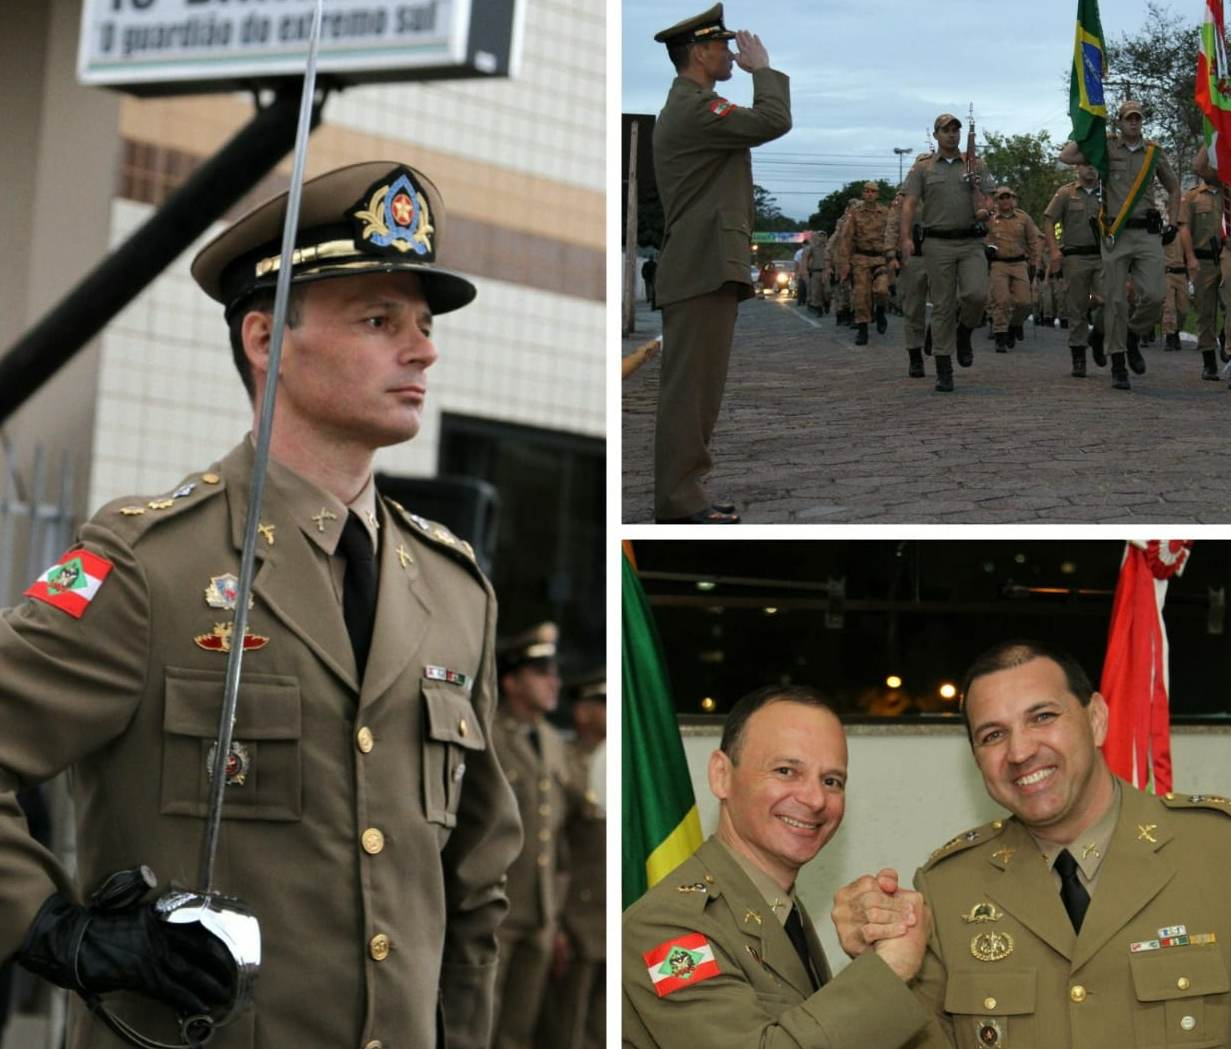 Tenente-coronel Maike completa um ano no comando do 19ºBPM